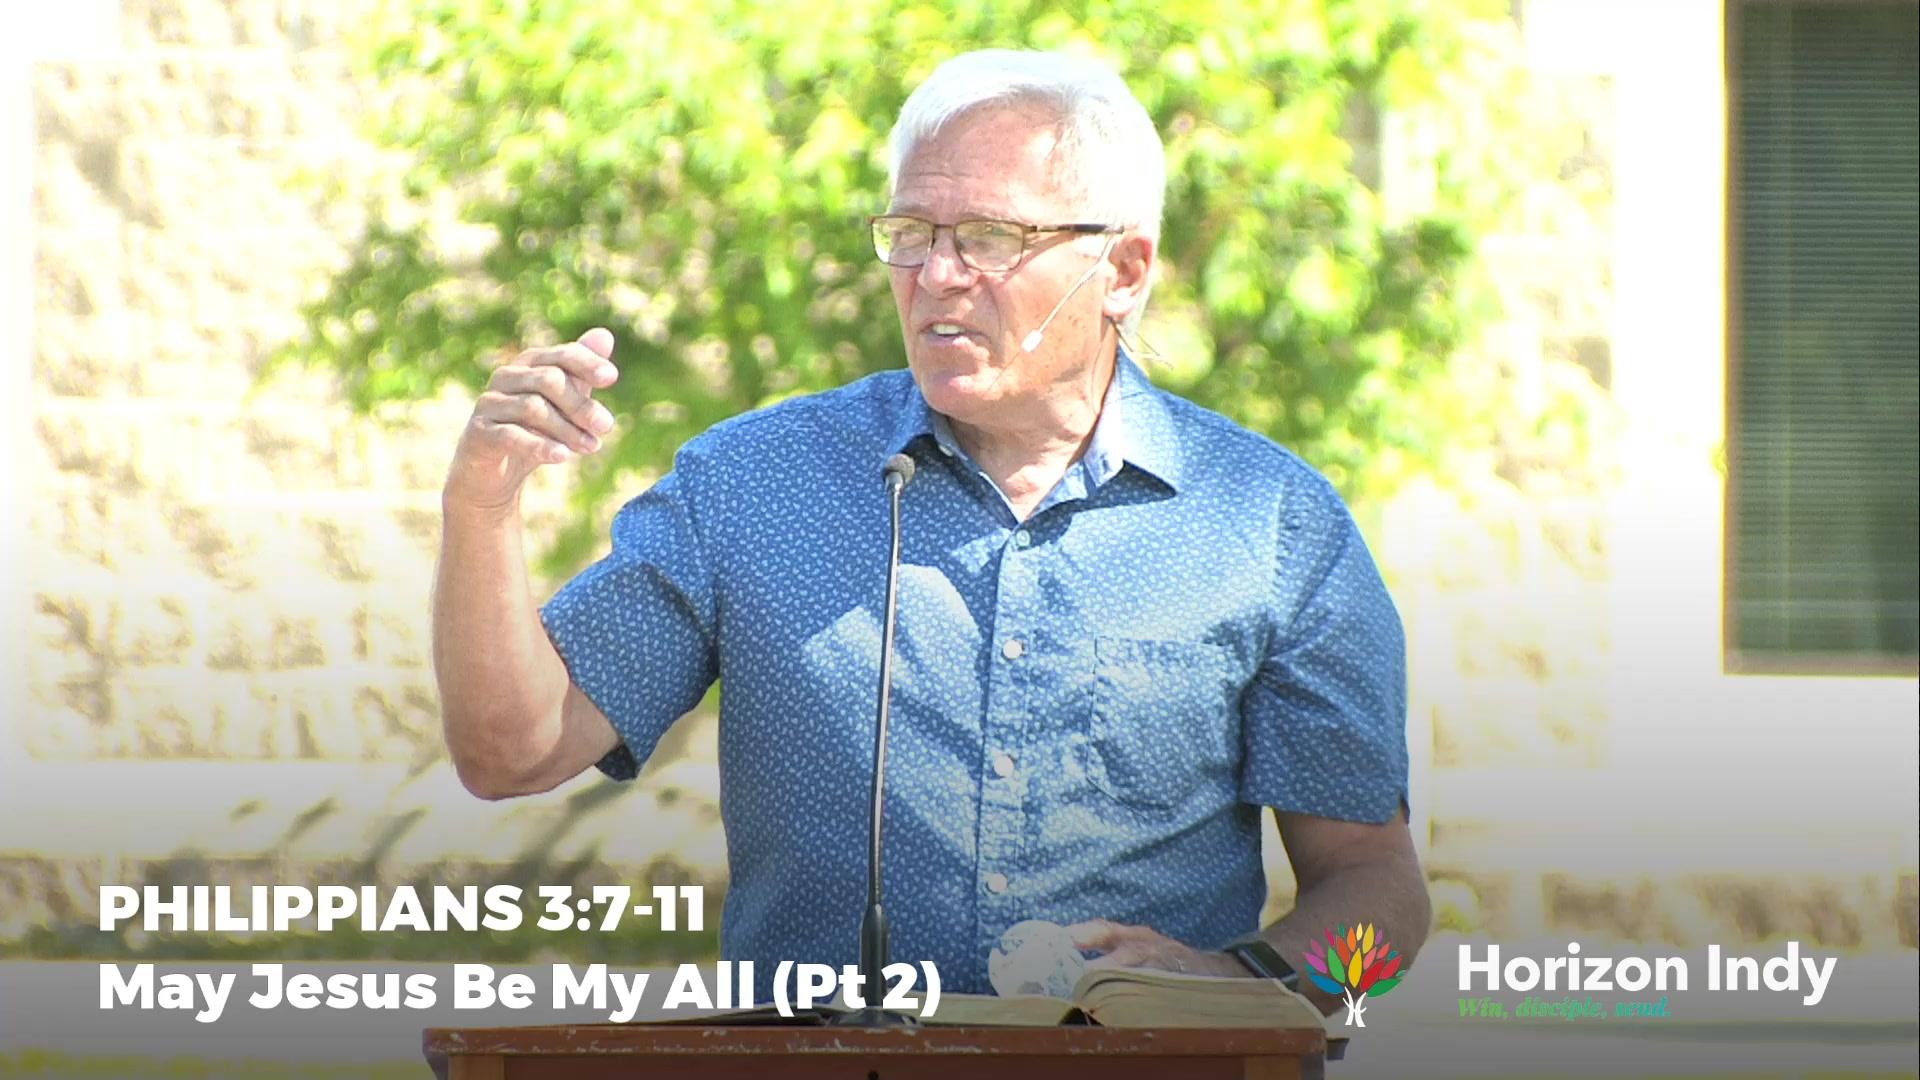 Philippians 3:7-11